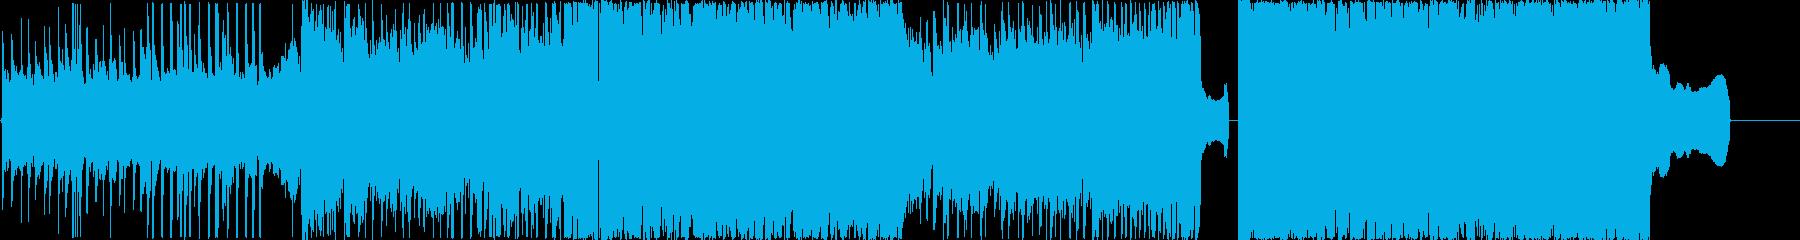 何かが始まりそうなポップロックの再生済みの波形